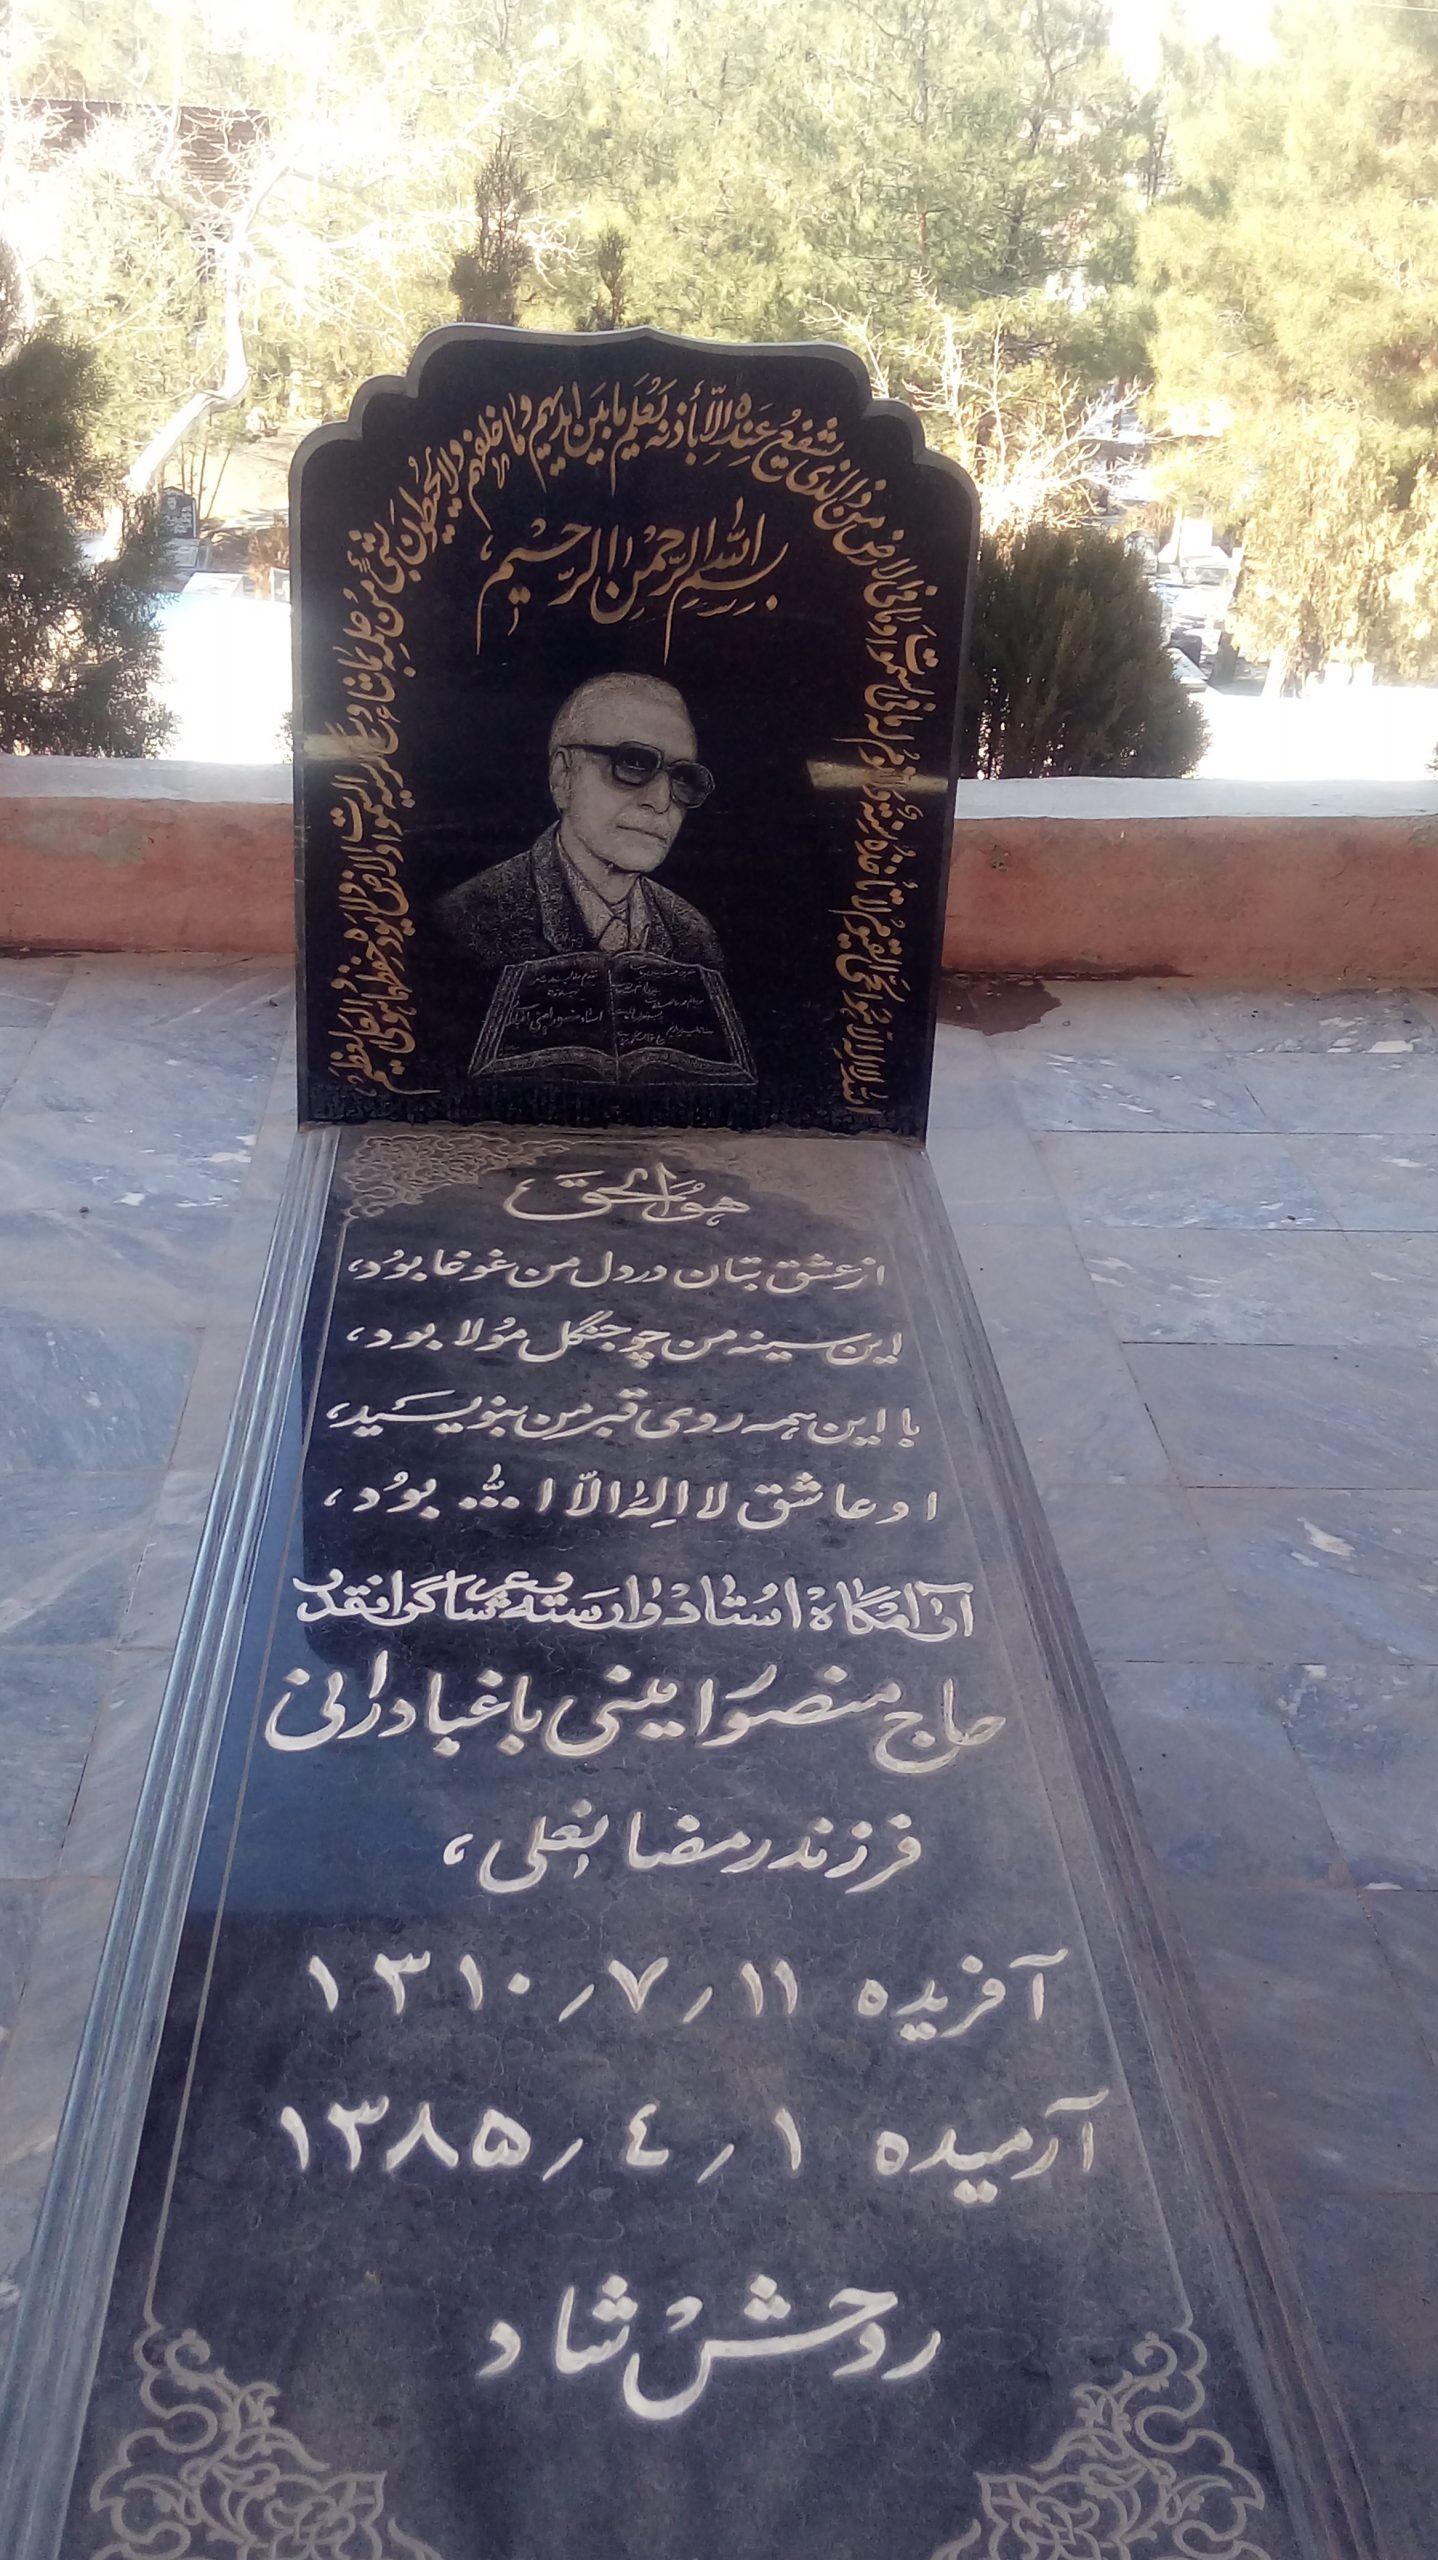 ارامگاه استاد منصور امینی باغبادرانی